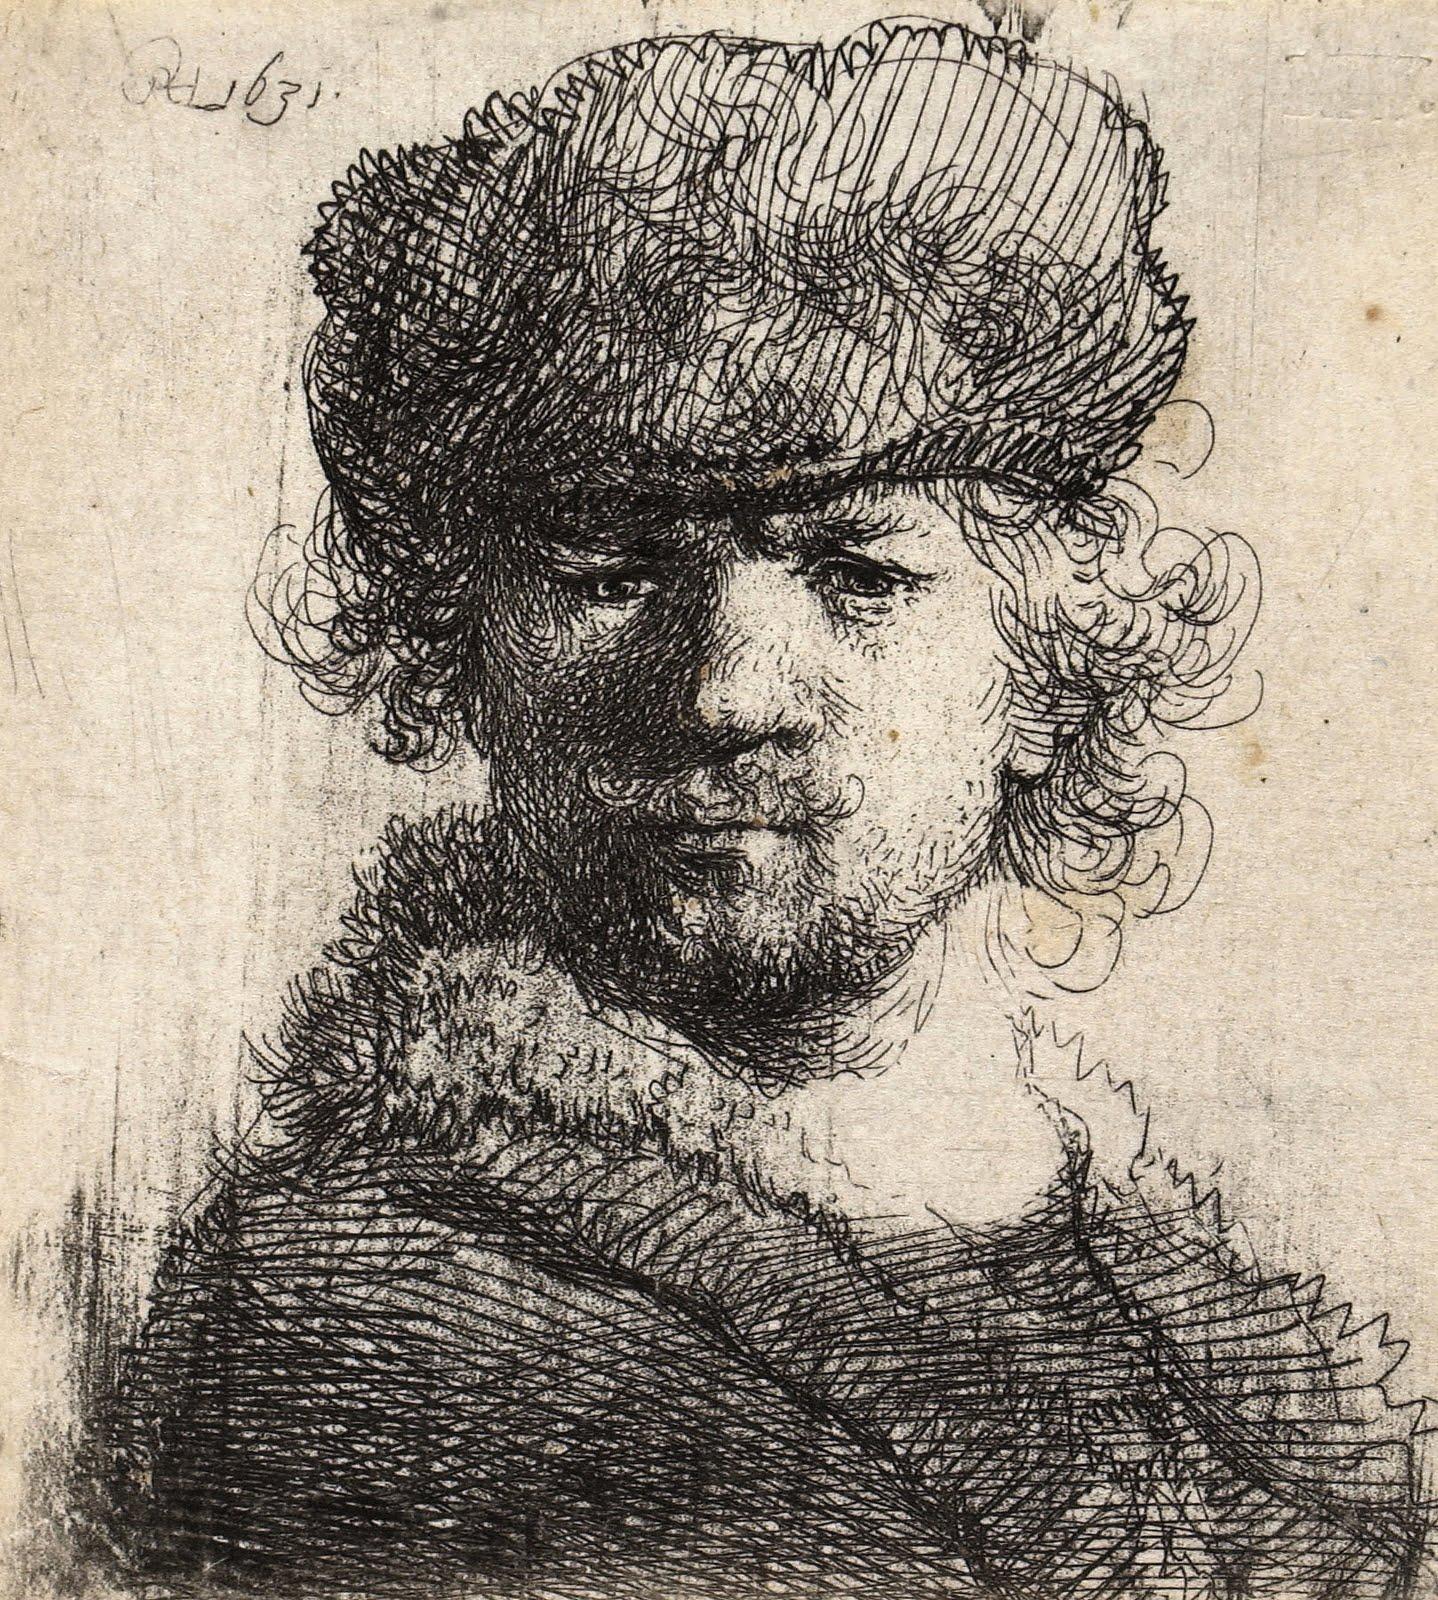 ArtHive: Rembrandt Van Rijn